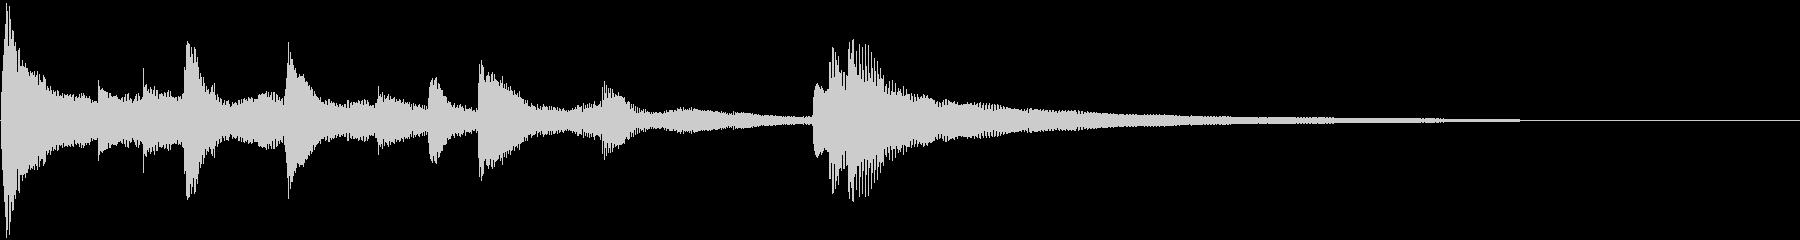 ピアノのショートジングル(中国風)の未再生の波形